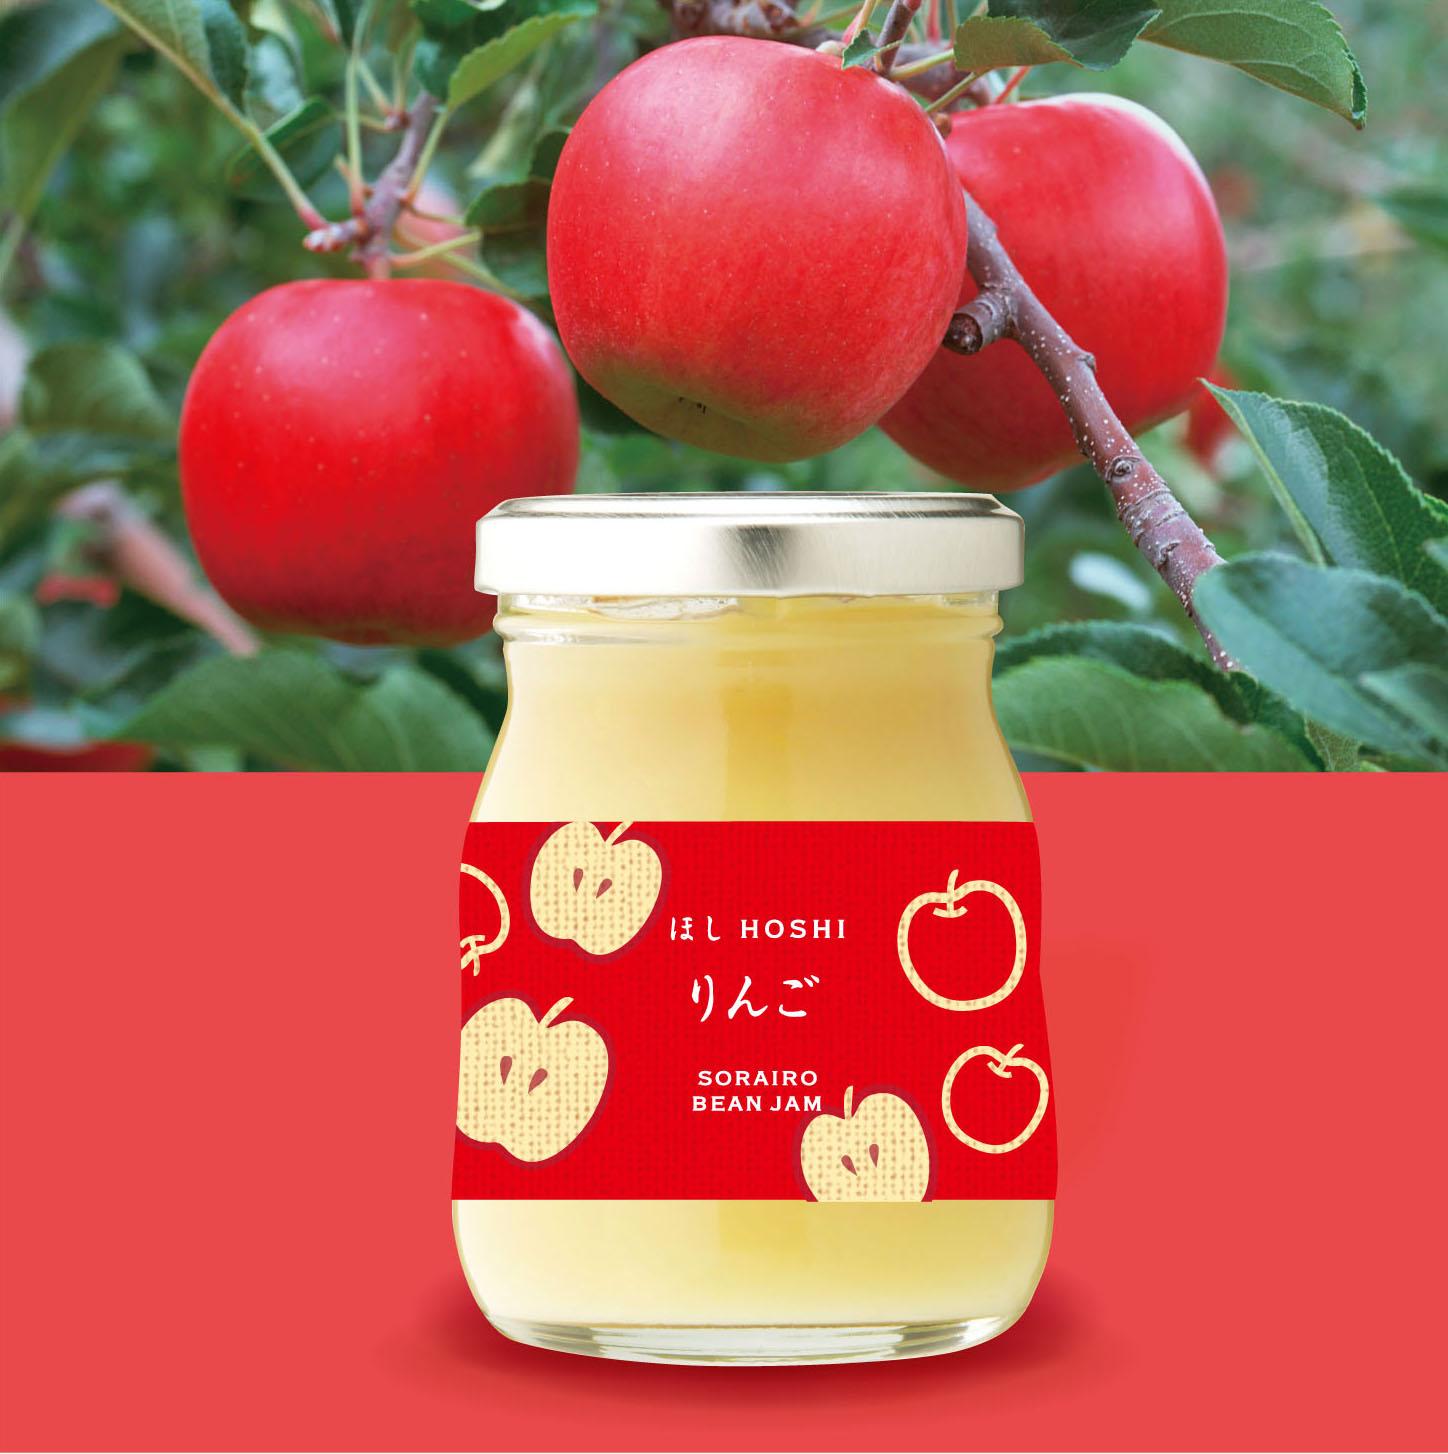 【季節限定のあん】りんごあん 発売